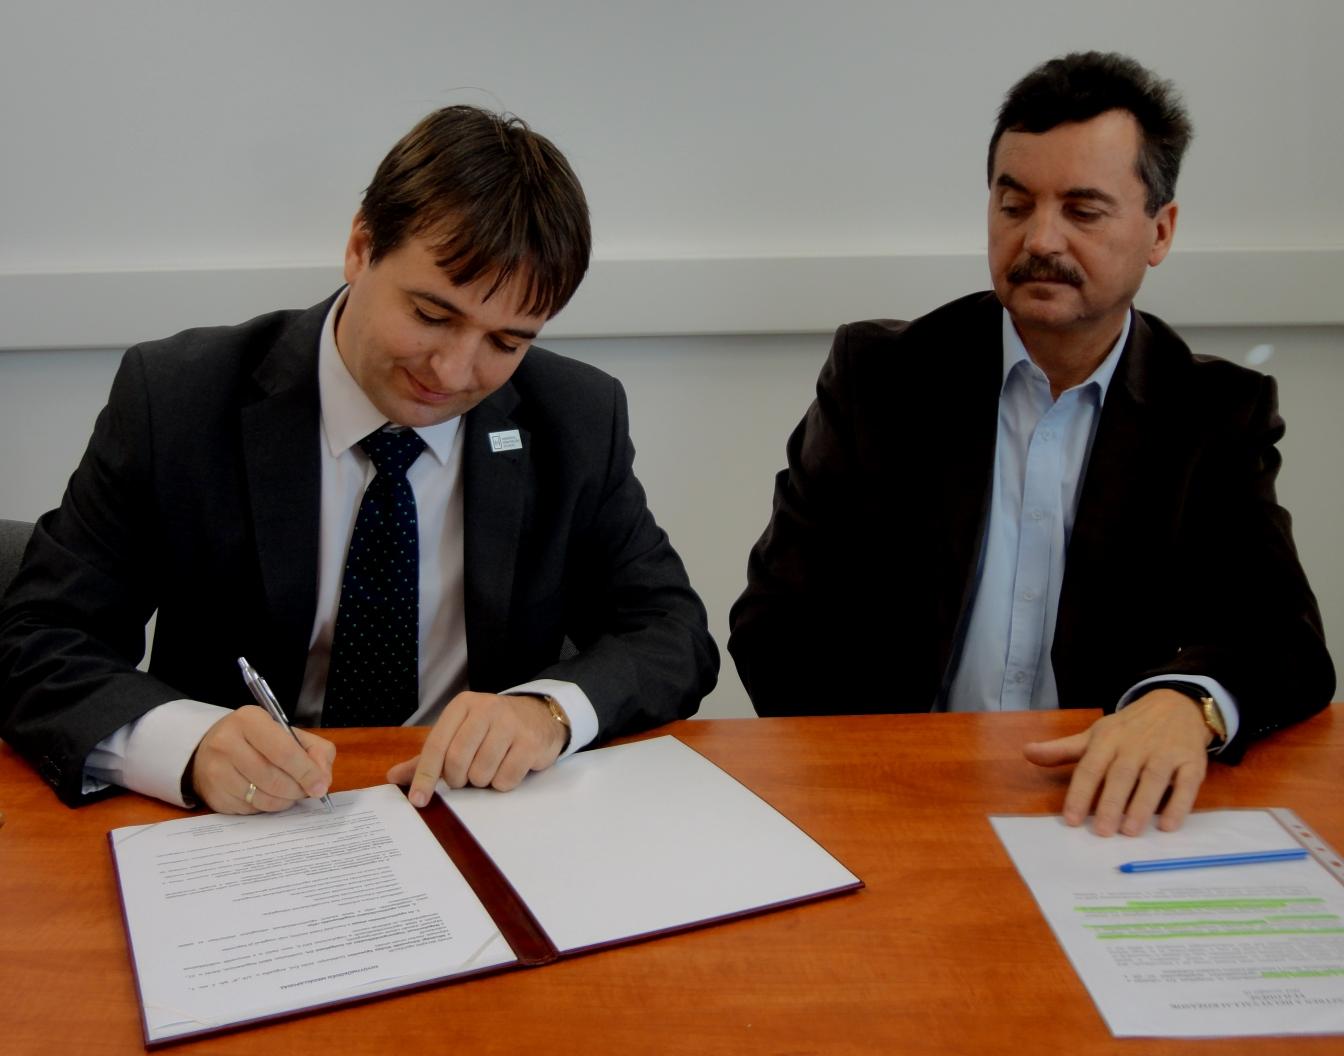 Nagykanizsa Együttműködési megállapodás